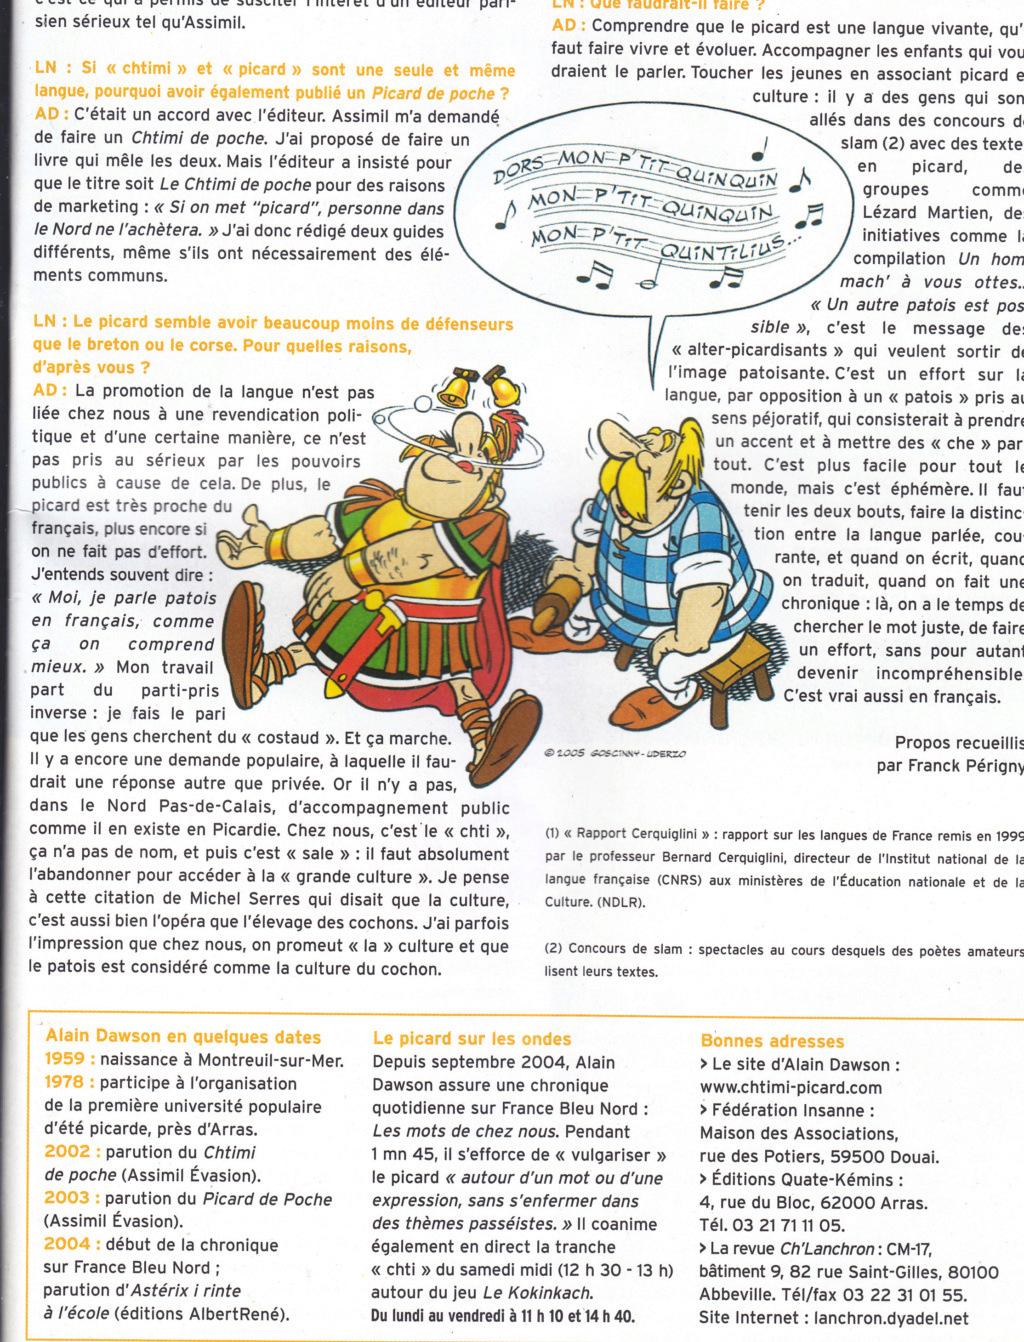 mesraretés ou ce que j'appelle raretés ! - Page 4 2006_l12